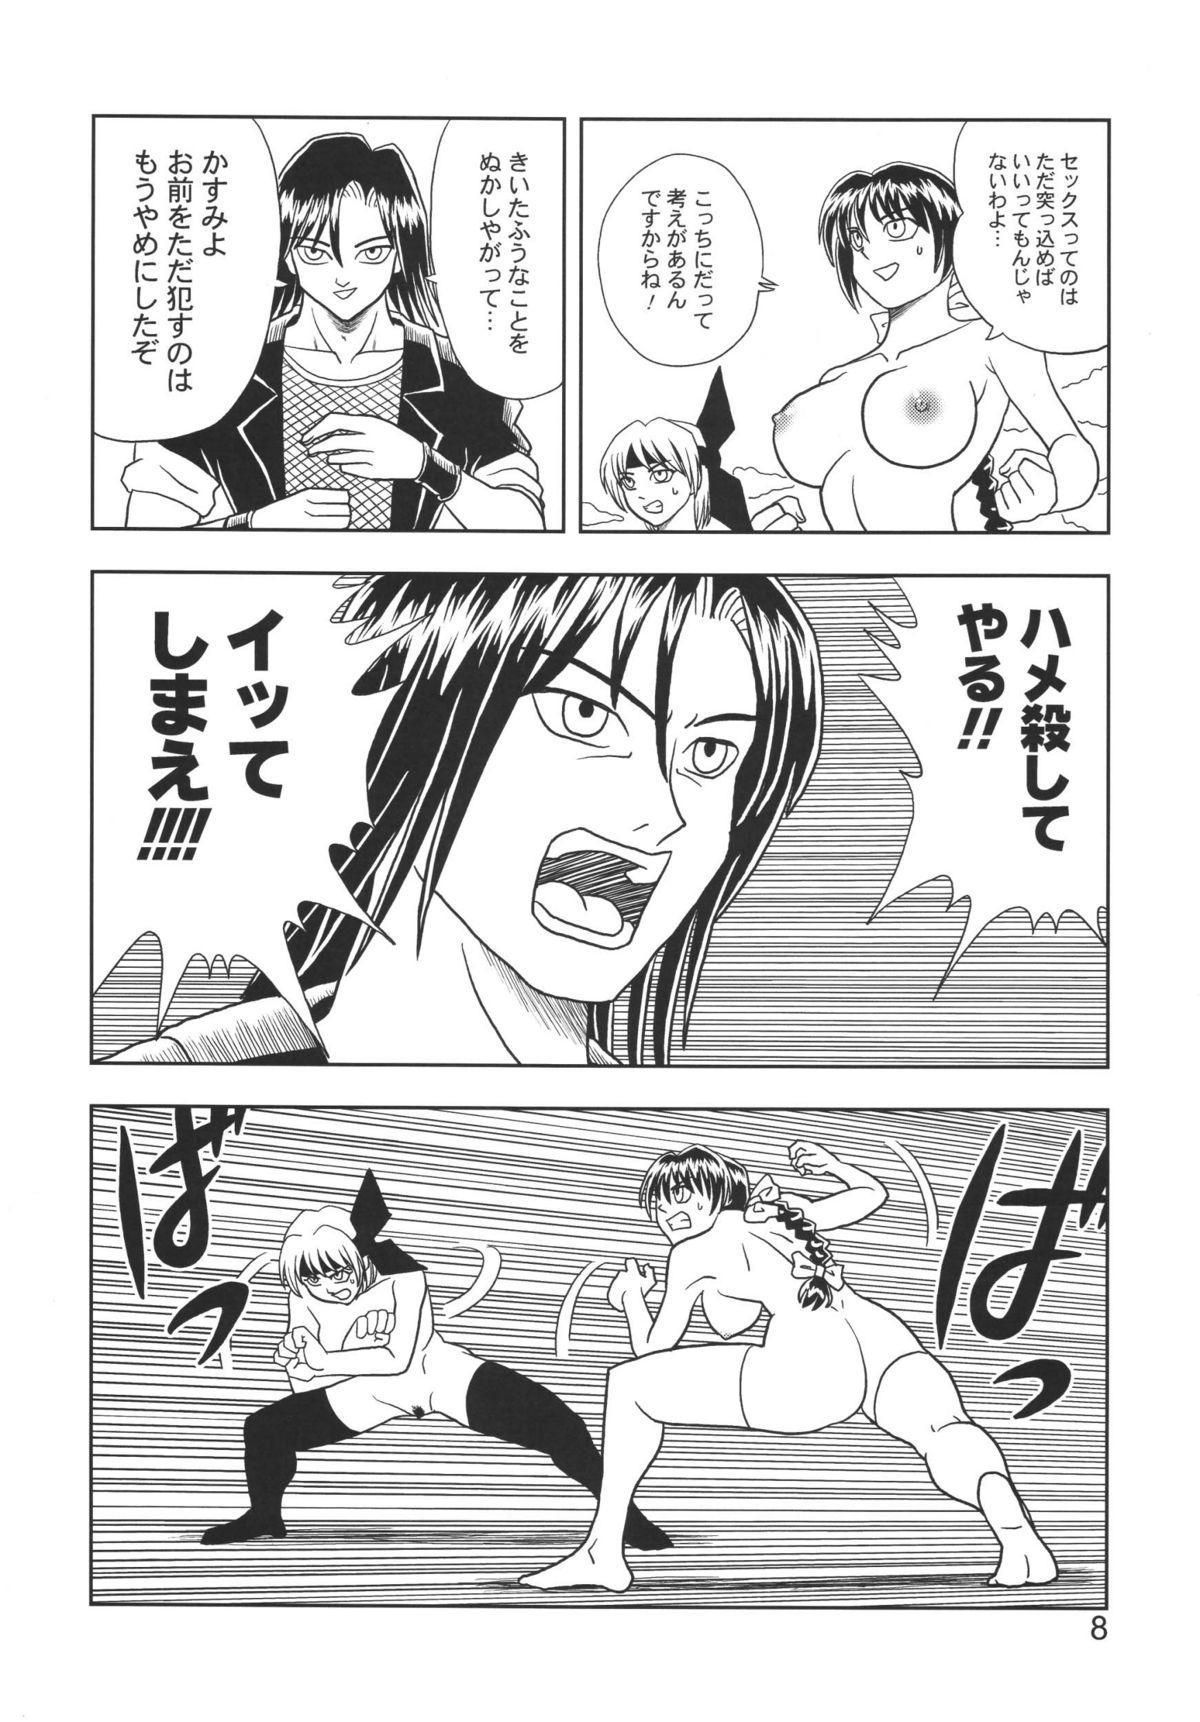 Kasumi or Ayane 7